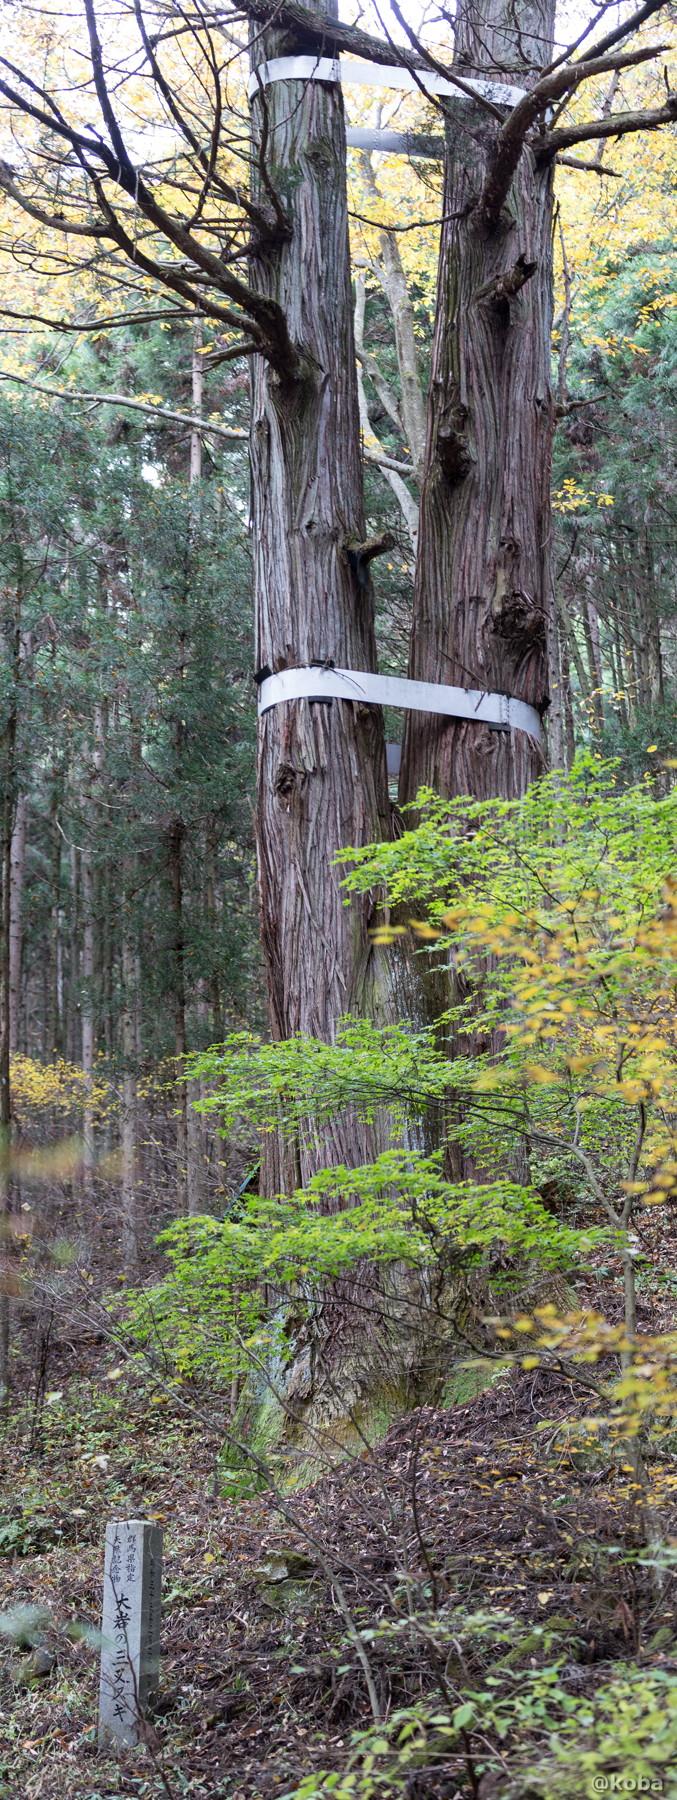 大岩の三又杉の写真│県指定天然記念物│群馬県吾妻郡中之条町 ブログ